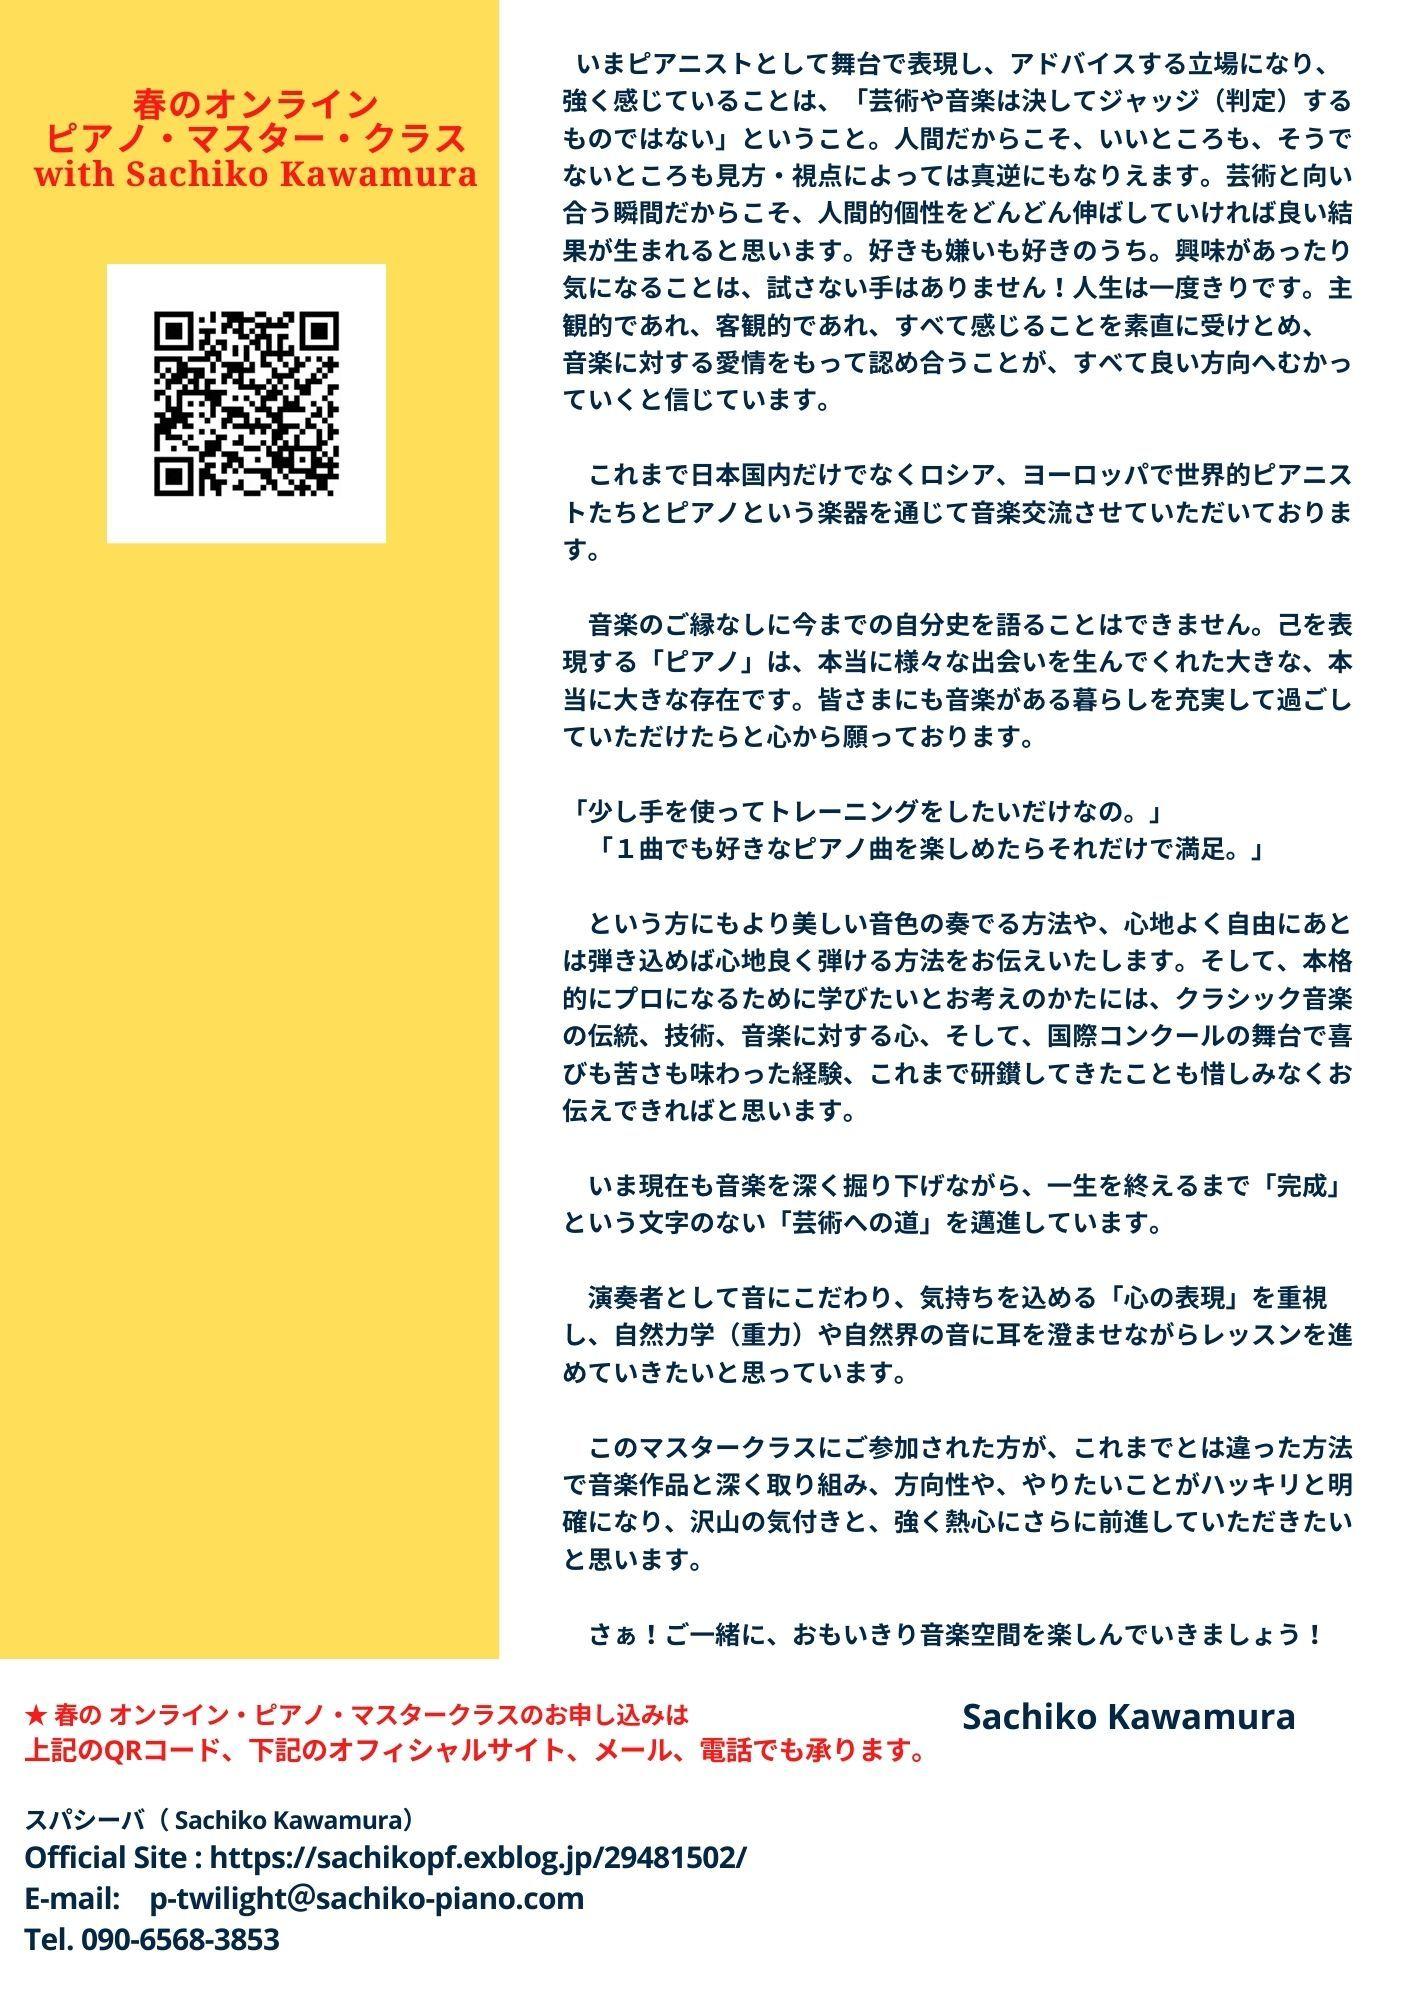 春のオンライン・ピアノ・マスタークラス with Pianist Sachiko Kawamura♪ 4/25〜6/15_e0197114_21091534.jpg